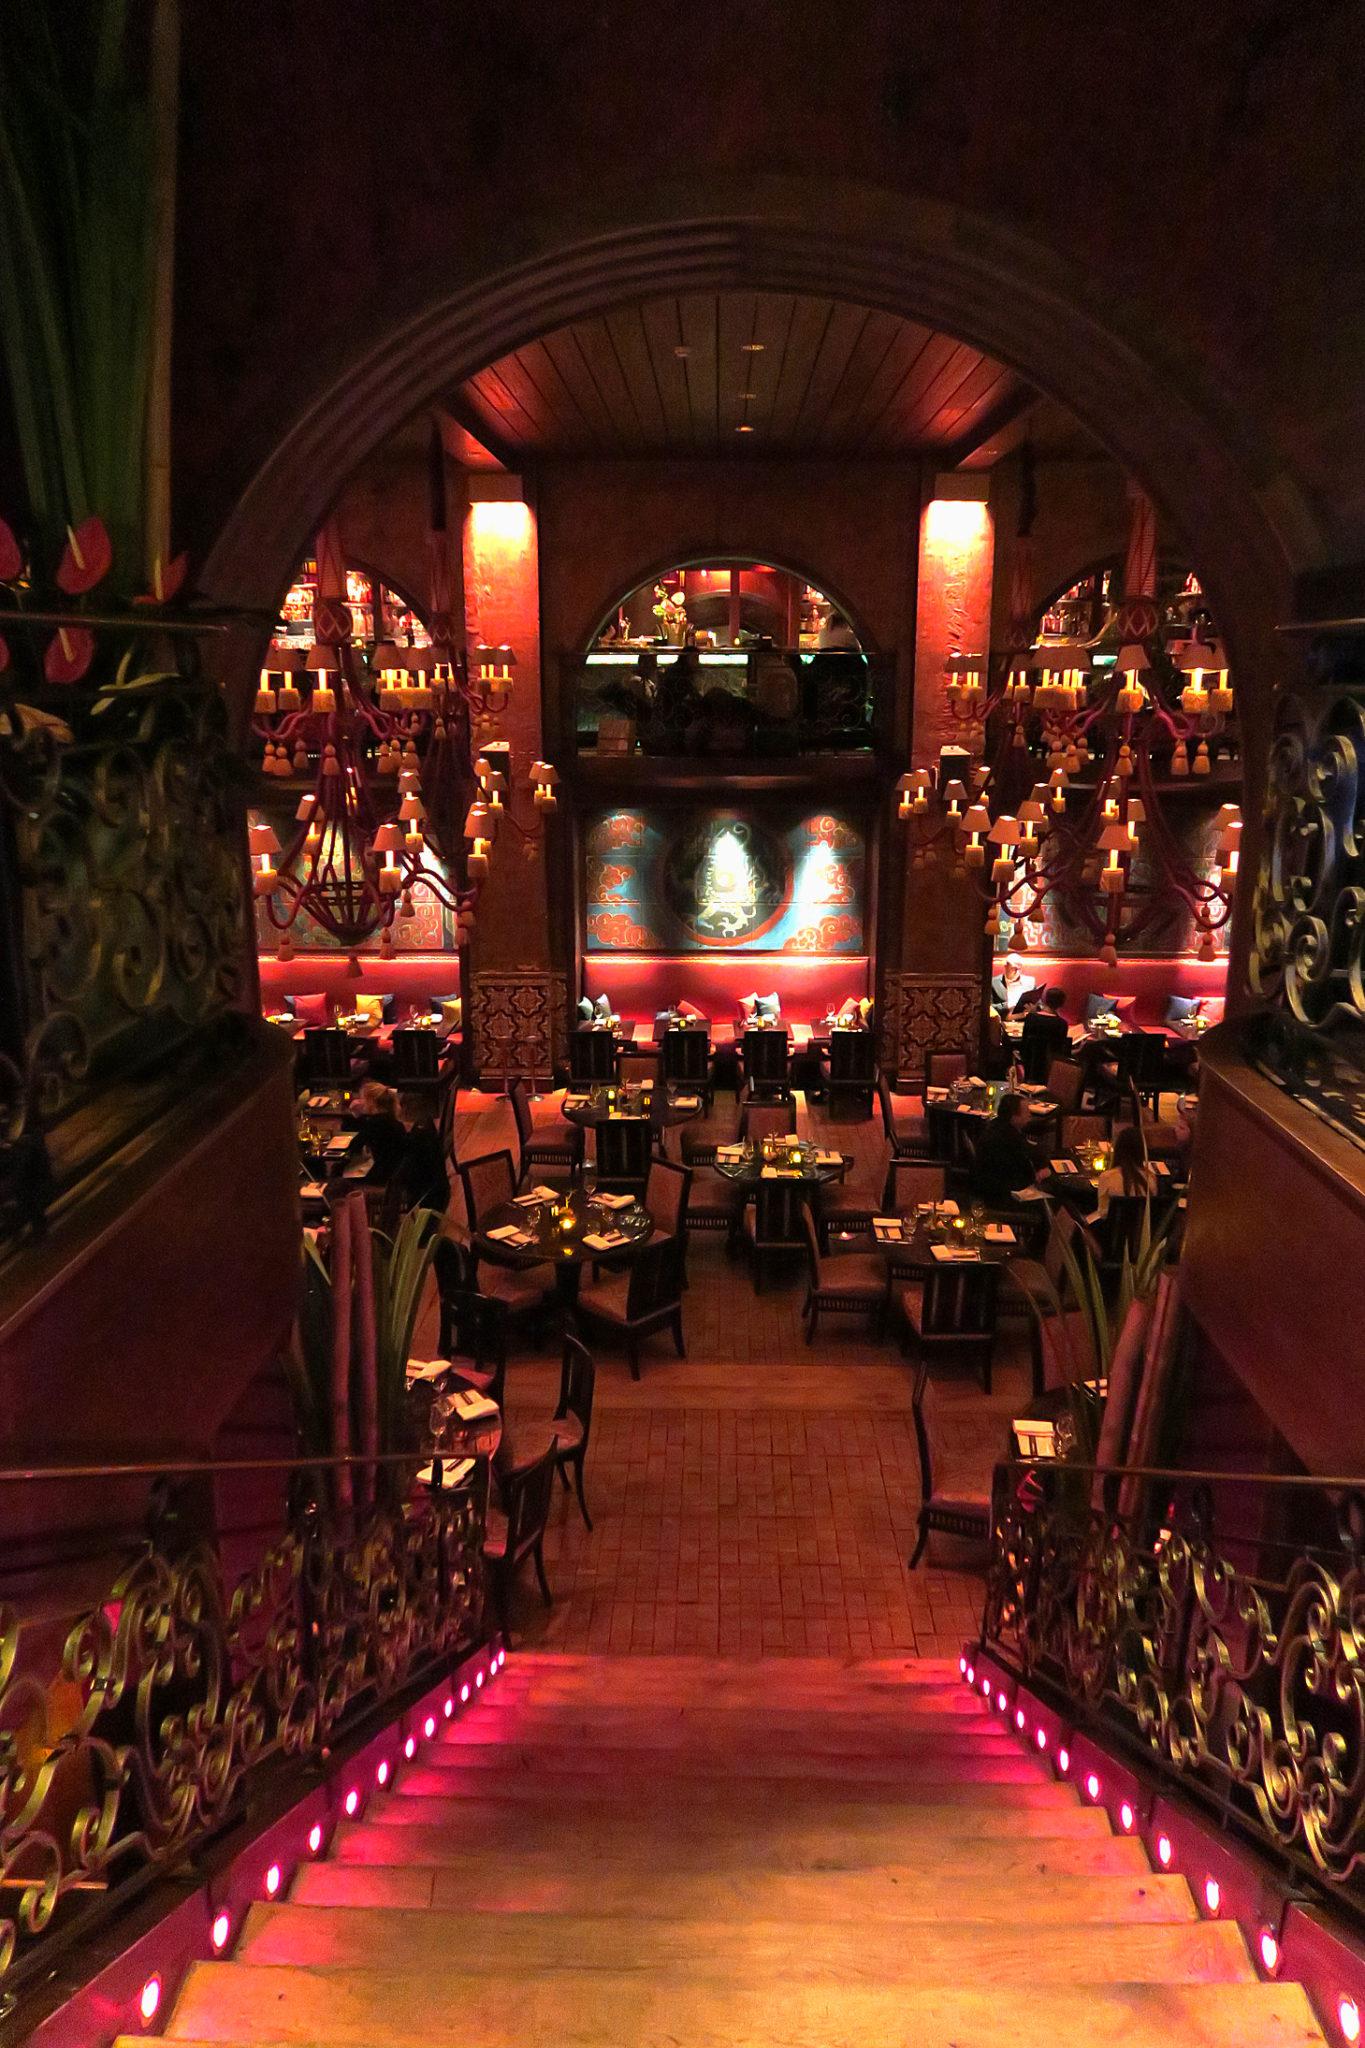 Hemaposesesvalises_buddha_bar_paris_stairs_restaurant